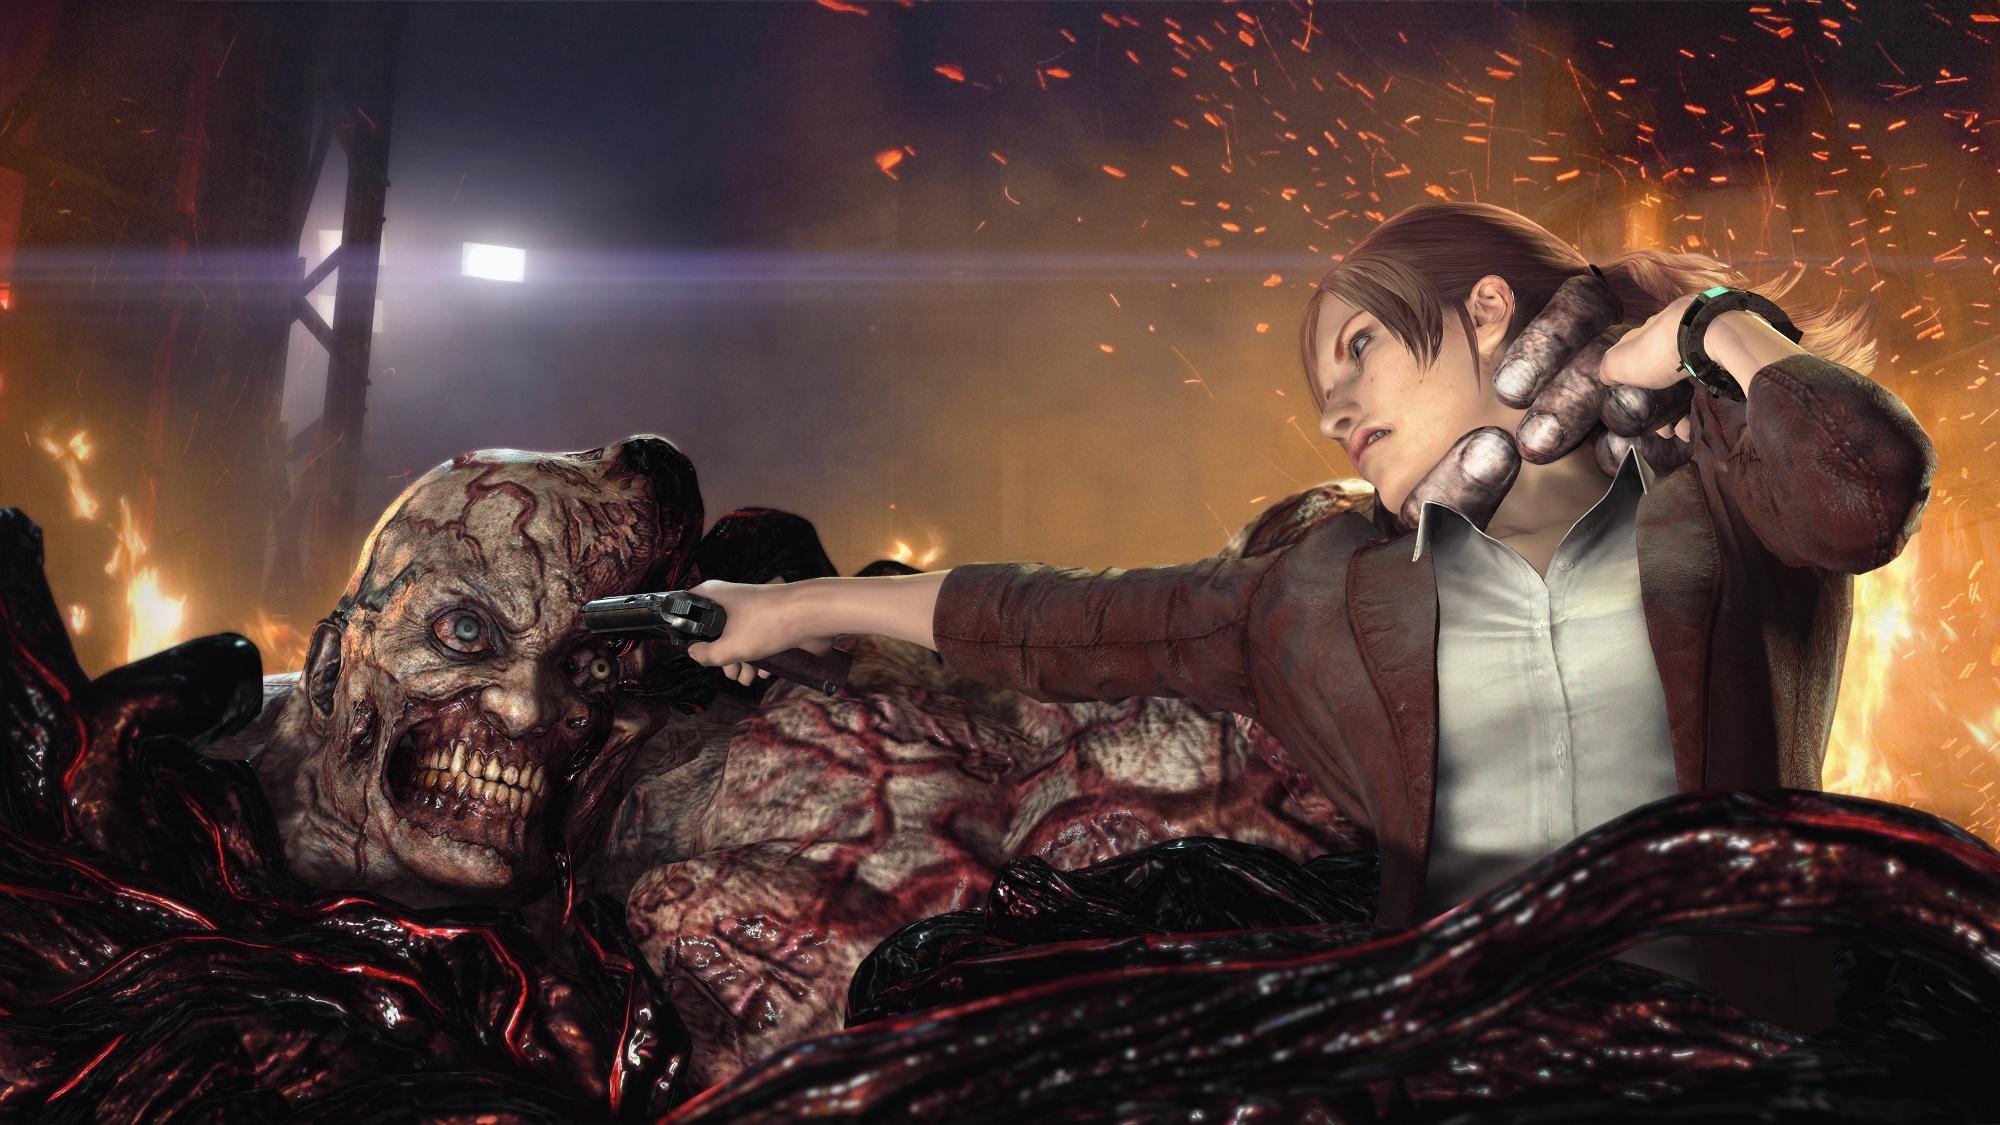 Resident Evil Revelations 2 Hd Wallpaper Background Image